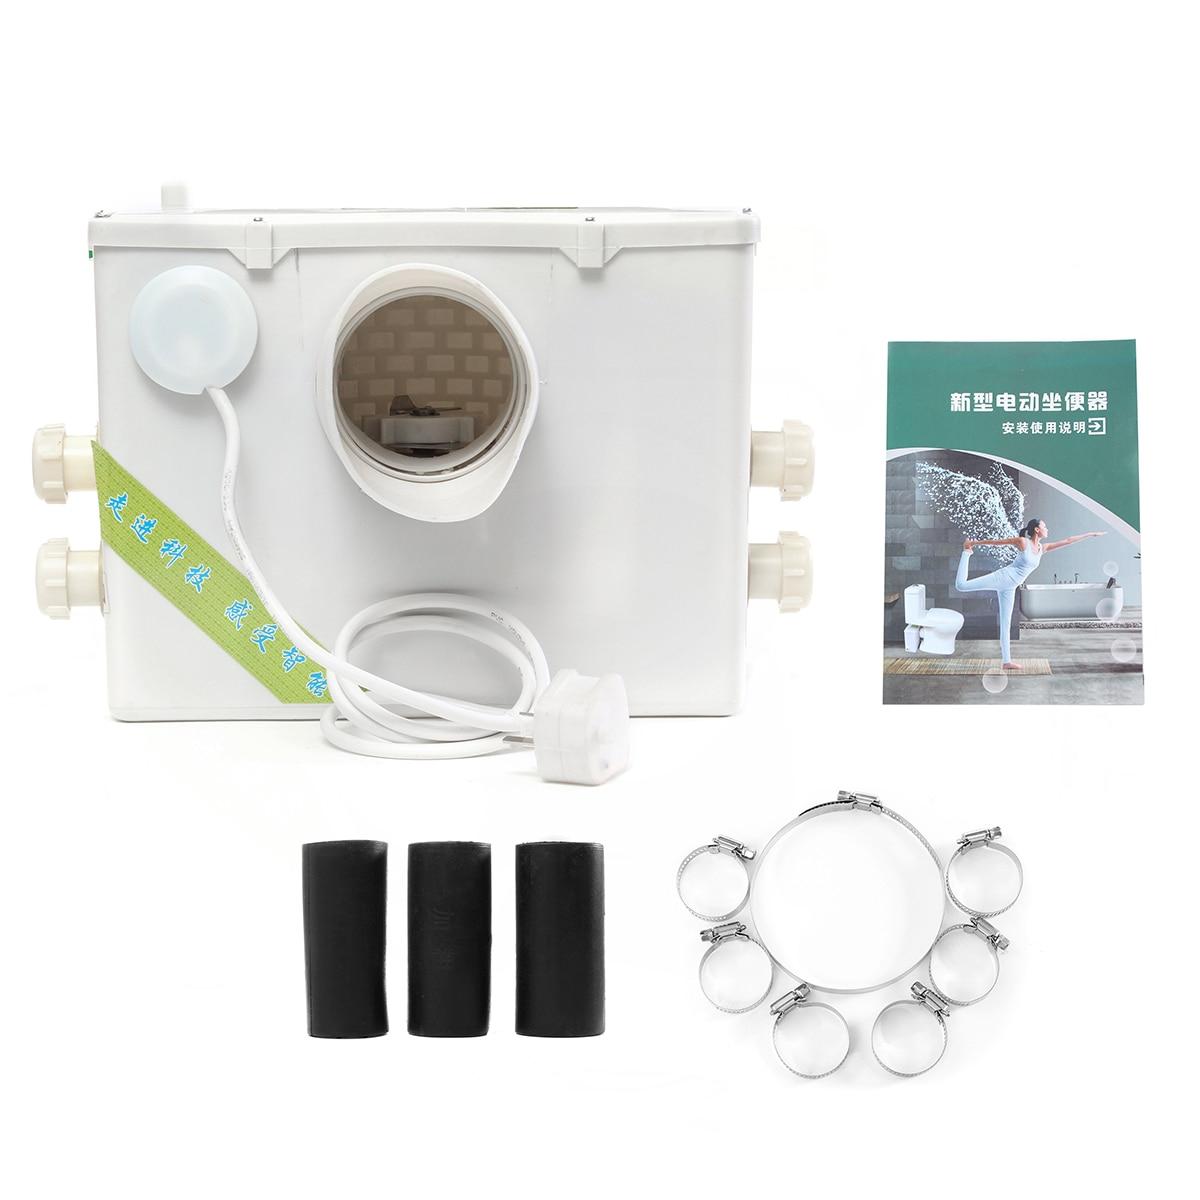 400 Вт 2500л/ч многовпускной горизонтальный мацератор утилизация насос блок туалет раковина душ полностью автоматический для ванной комнаты